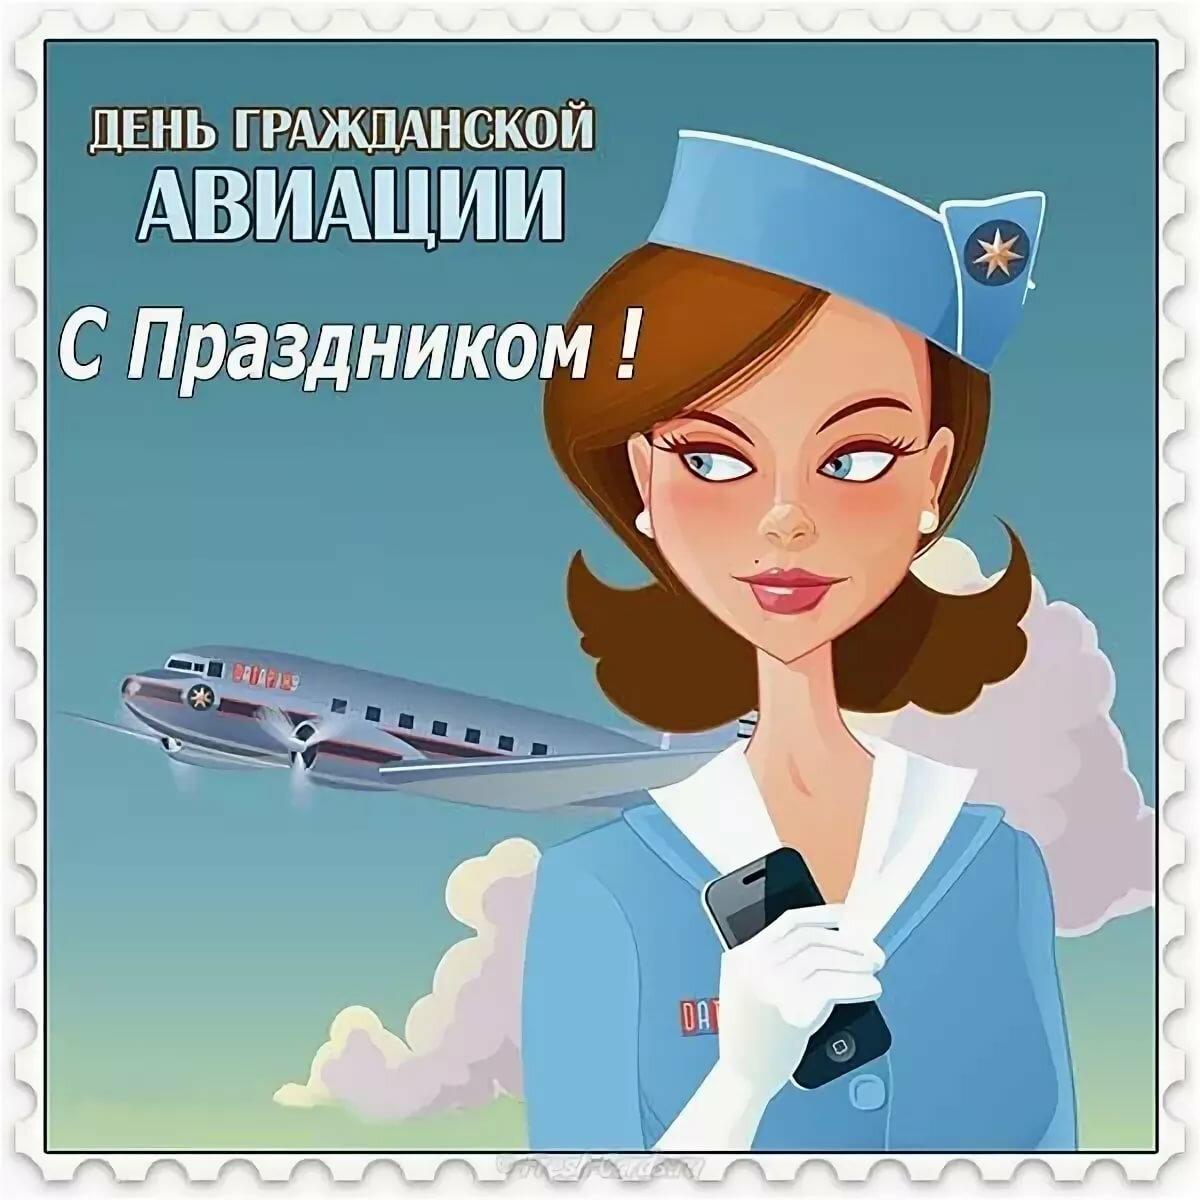 поздравить с днем гражданской авиации в стихах